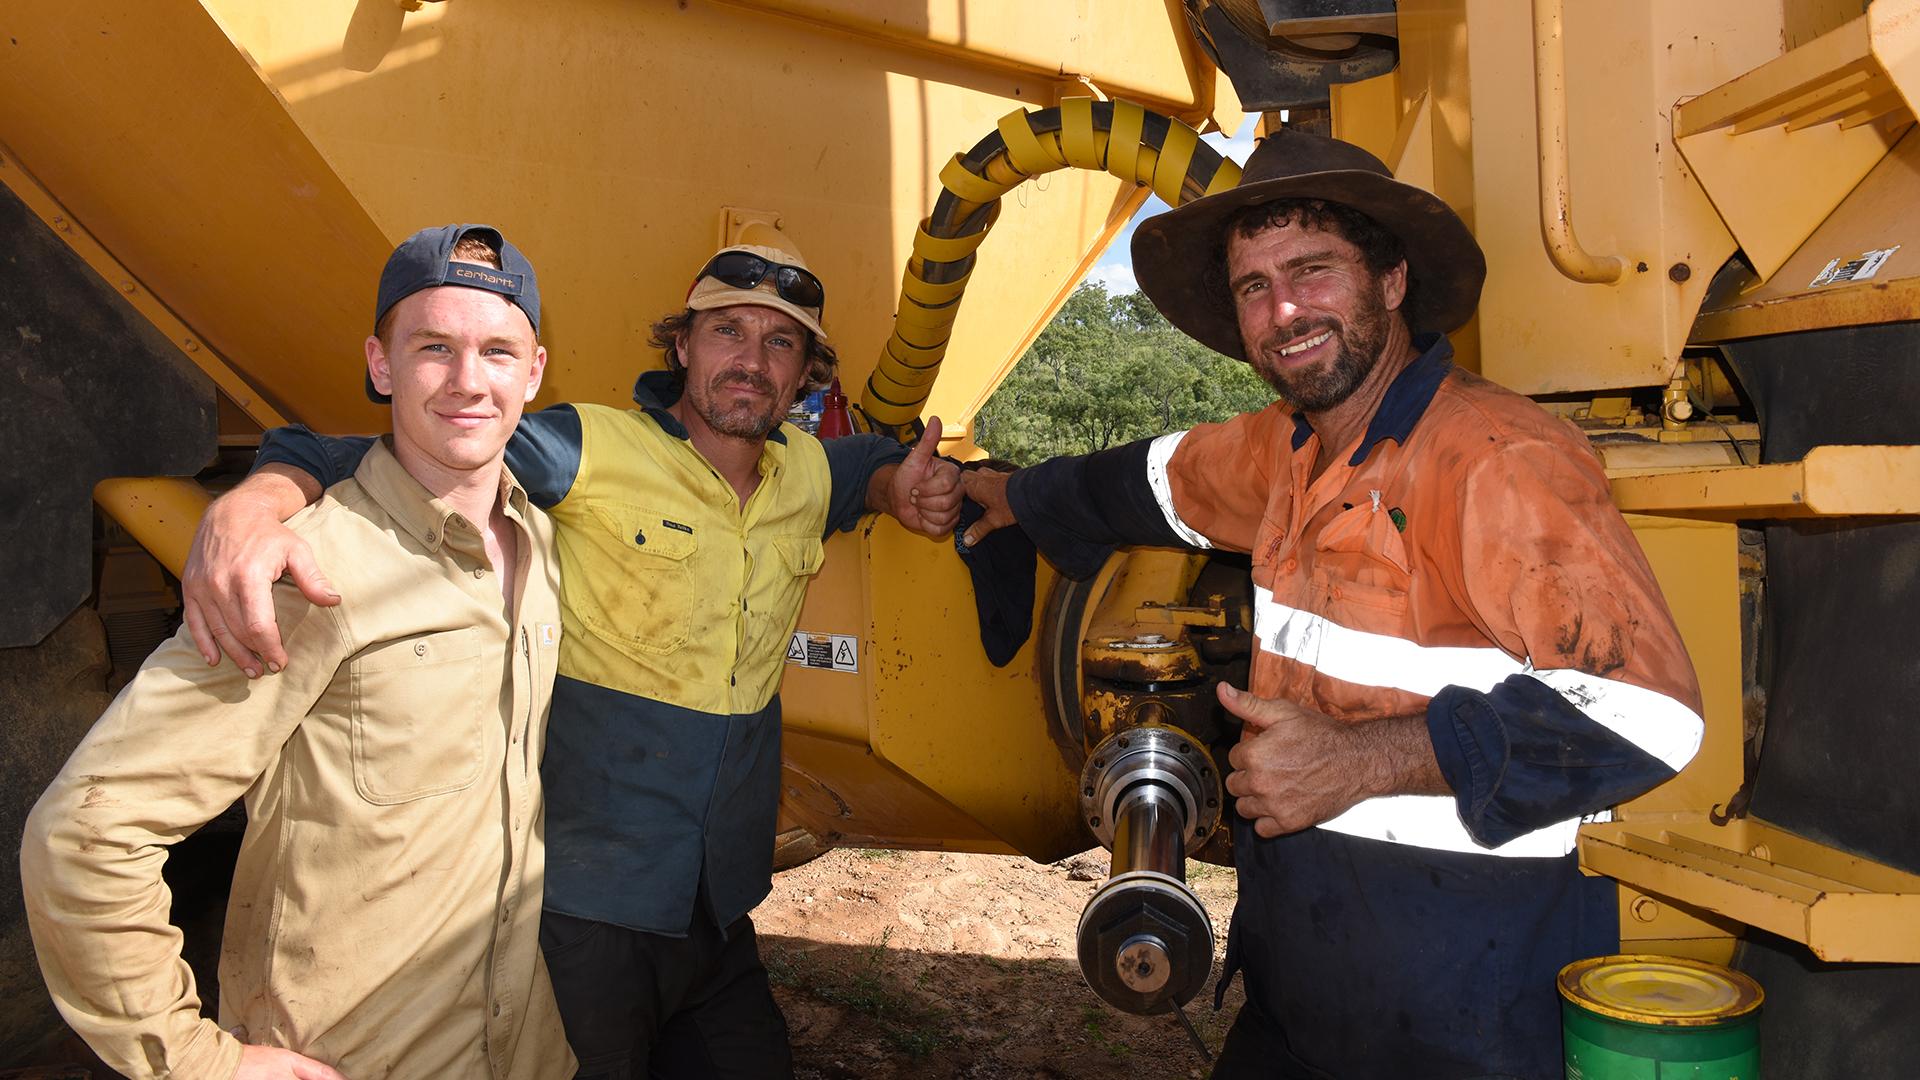 Männer australien kennenlernen